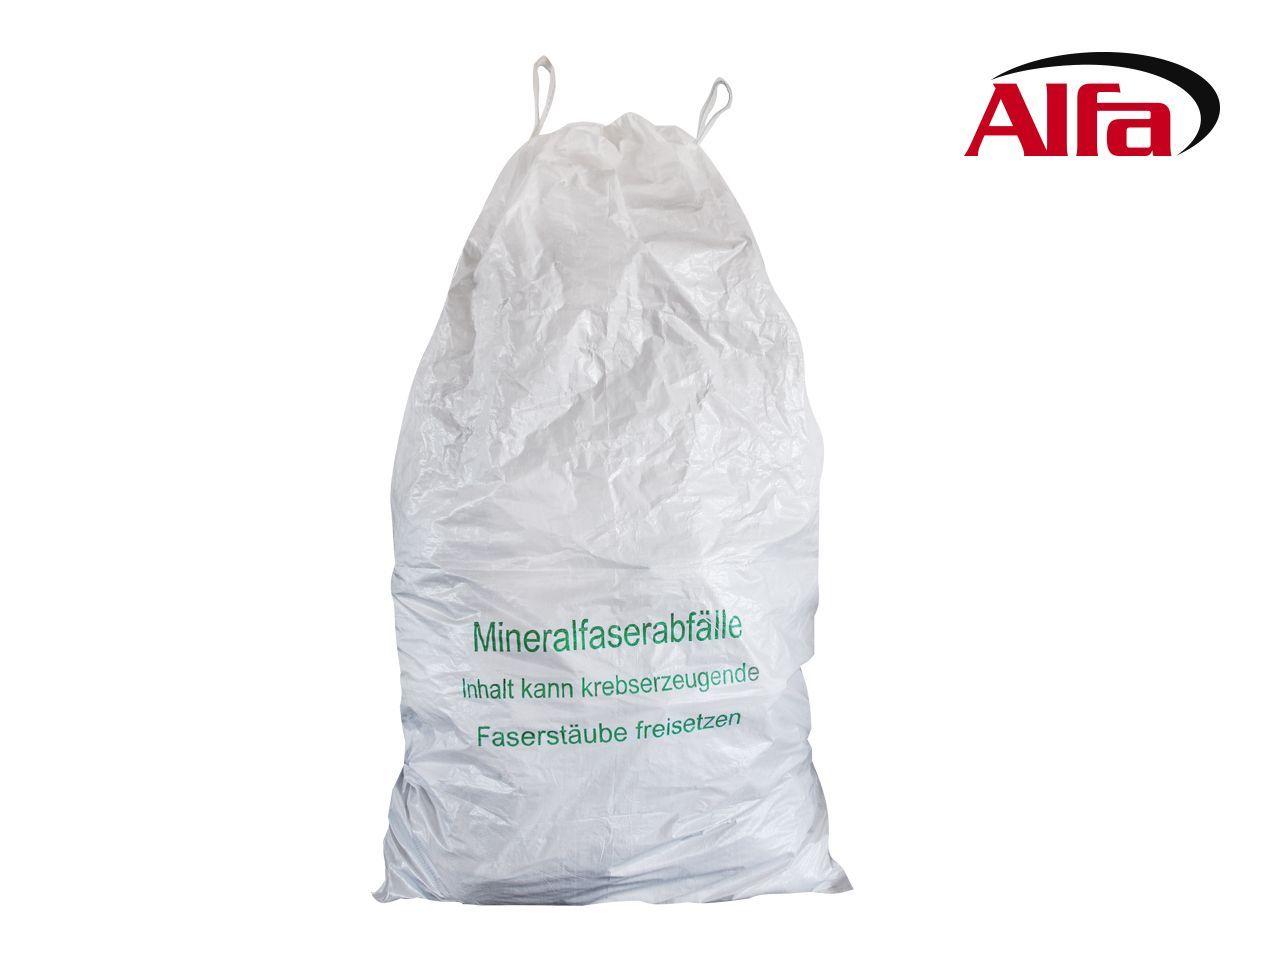 927 Alfa Mineralwollsack Mit Hebeschlaufen Mit Bildern Mineralien Sackchen Abfall